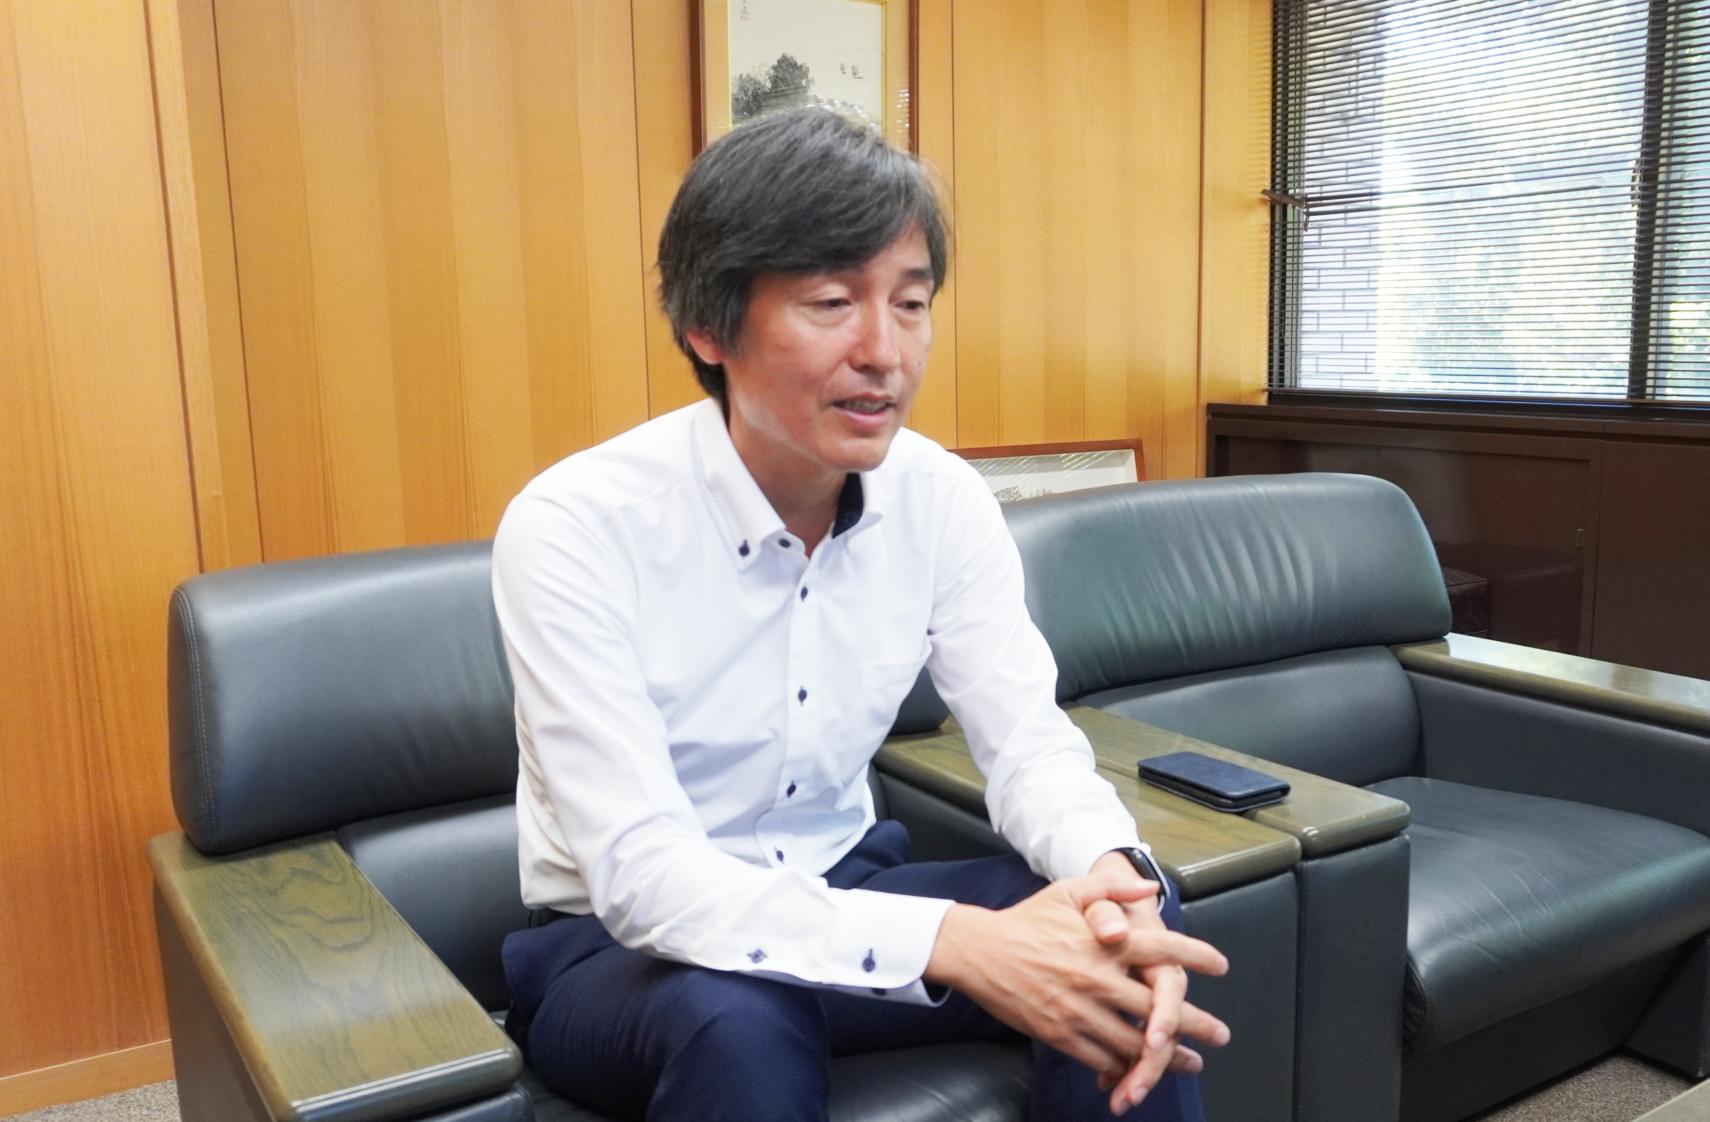 、株式会社LOVELEDGEの代表取締役でもある堀田崇社長